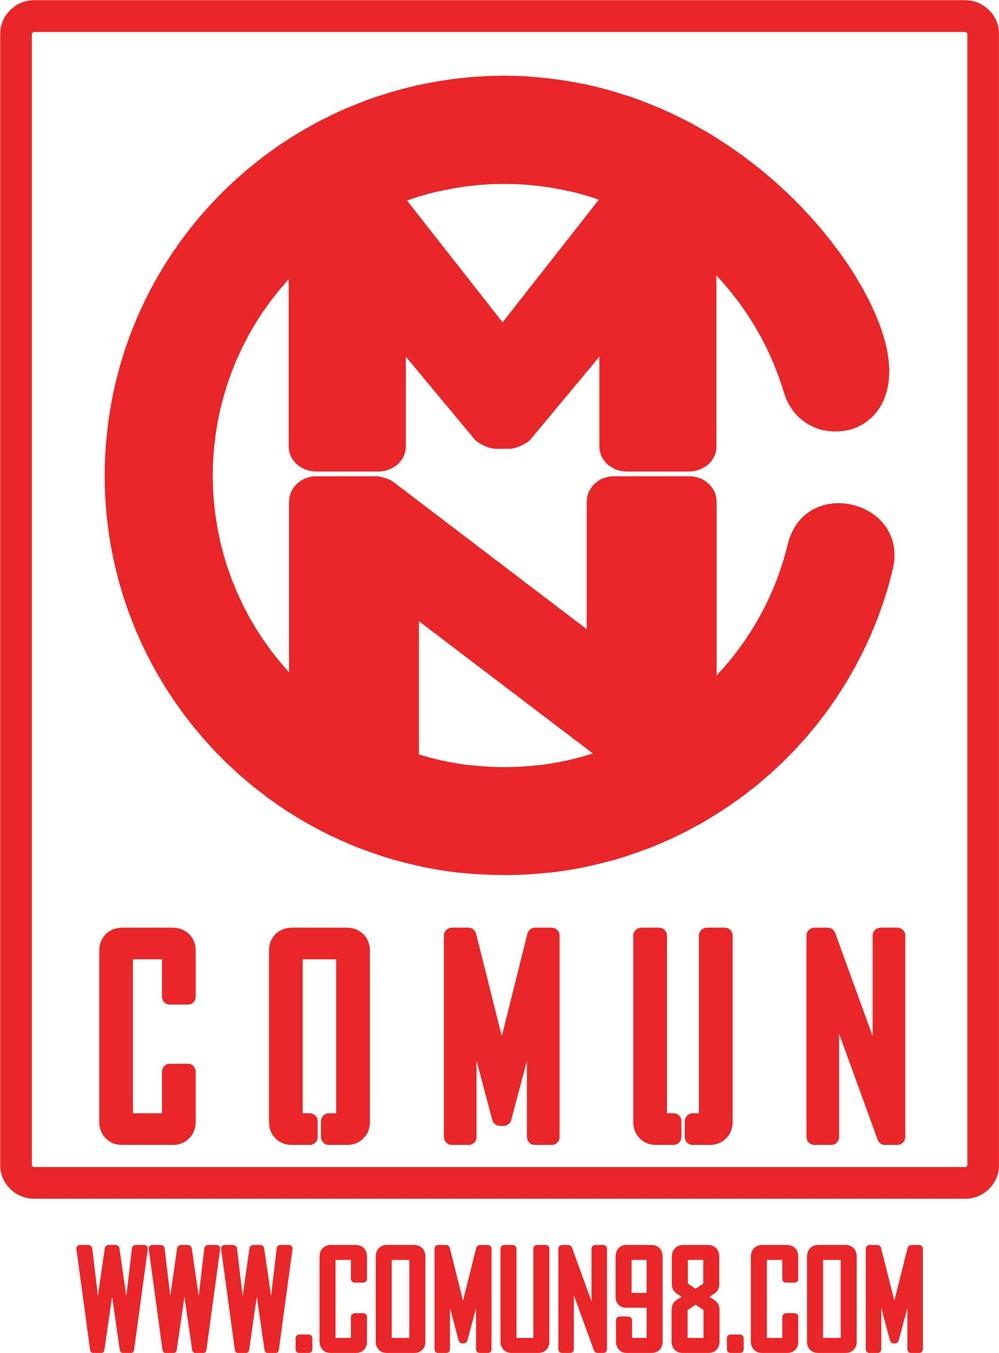 COMUN 98